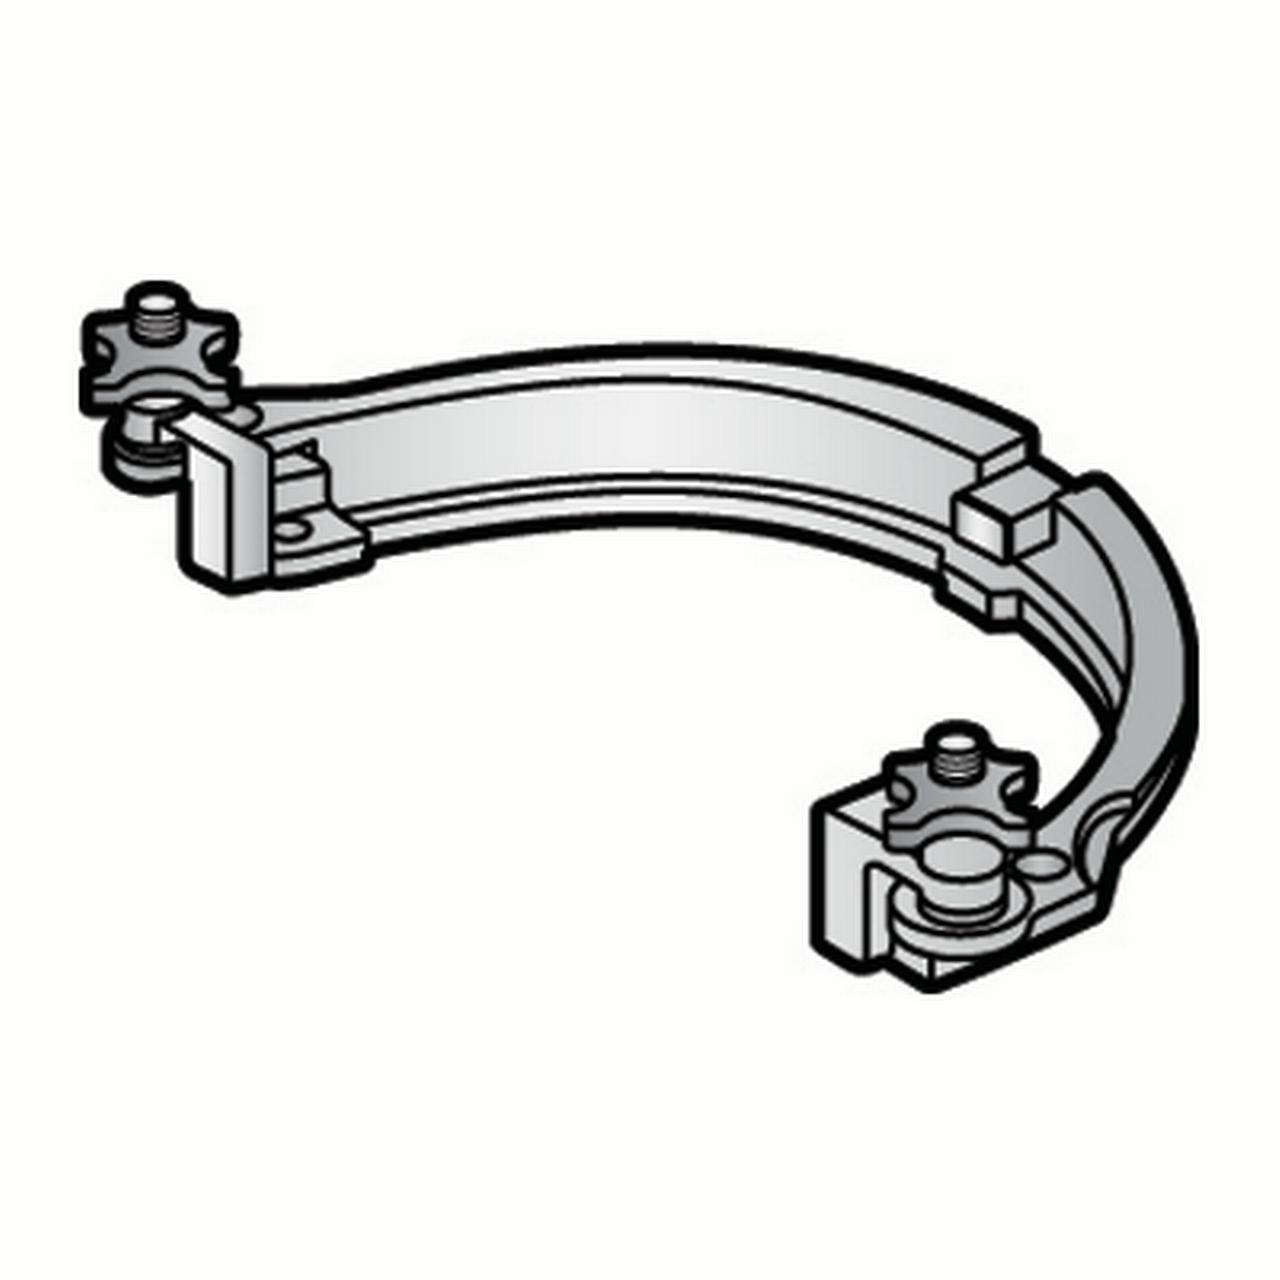 Adapter Ring For 140 qt Hobart Mixer Model: 140-80BA -ALF-140-80BA by ALFA International